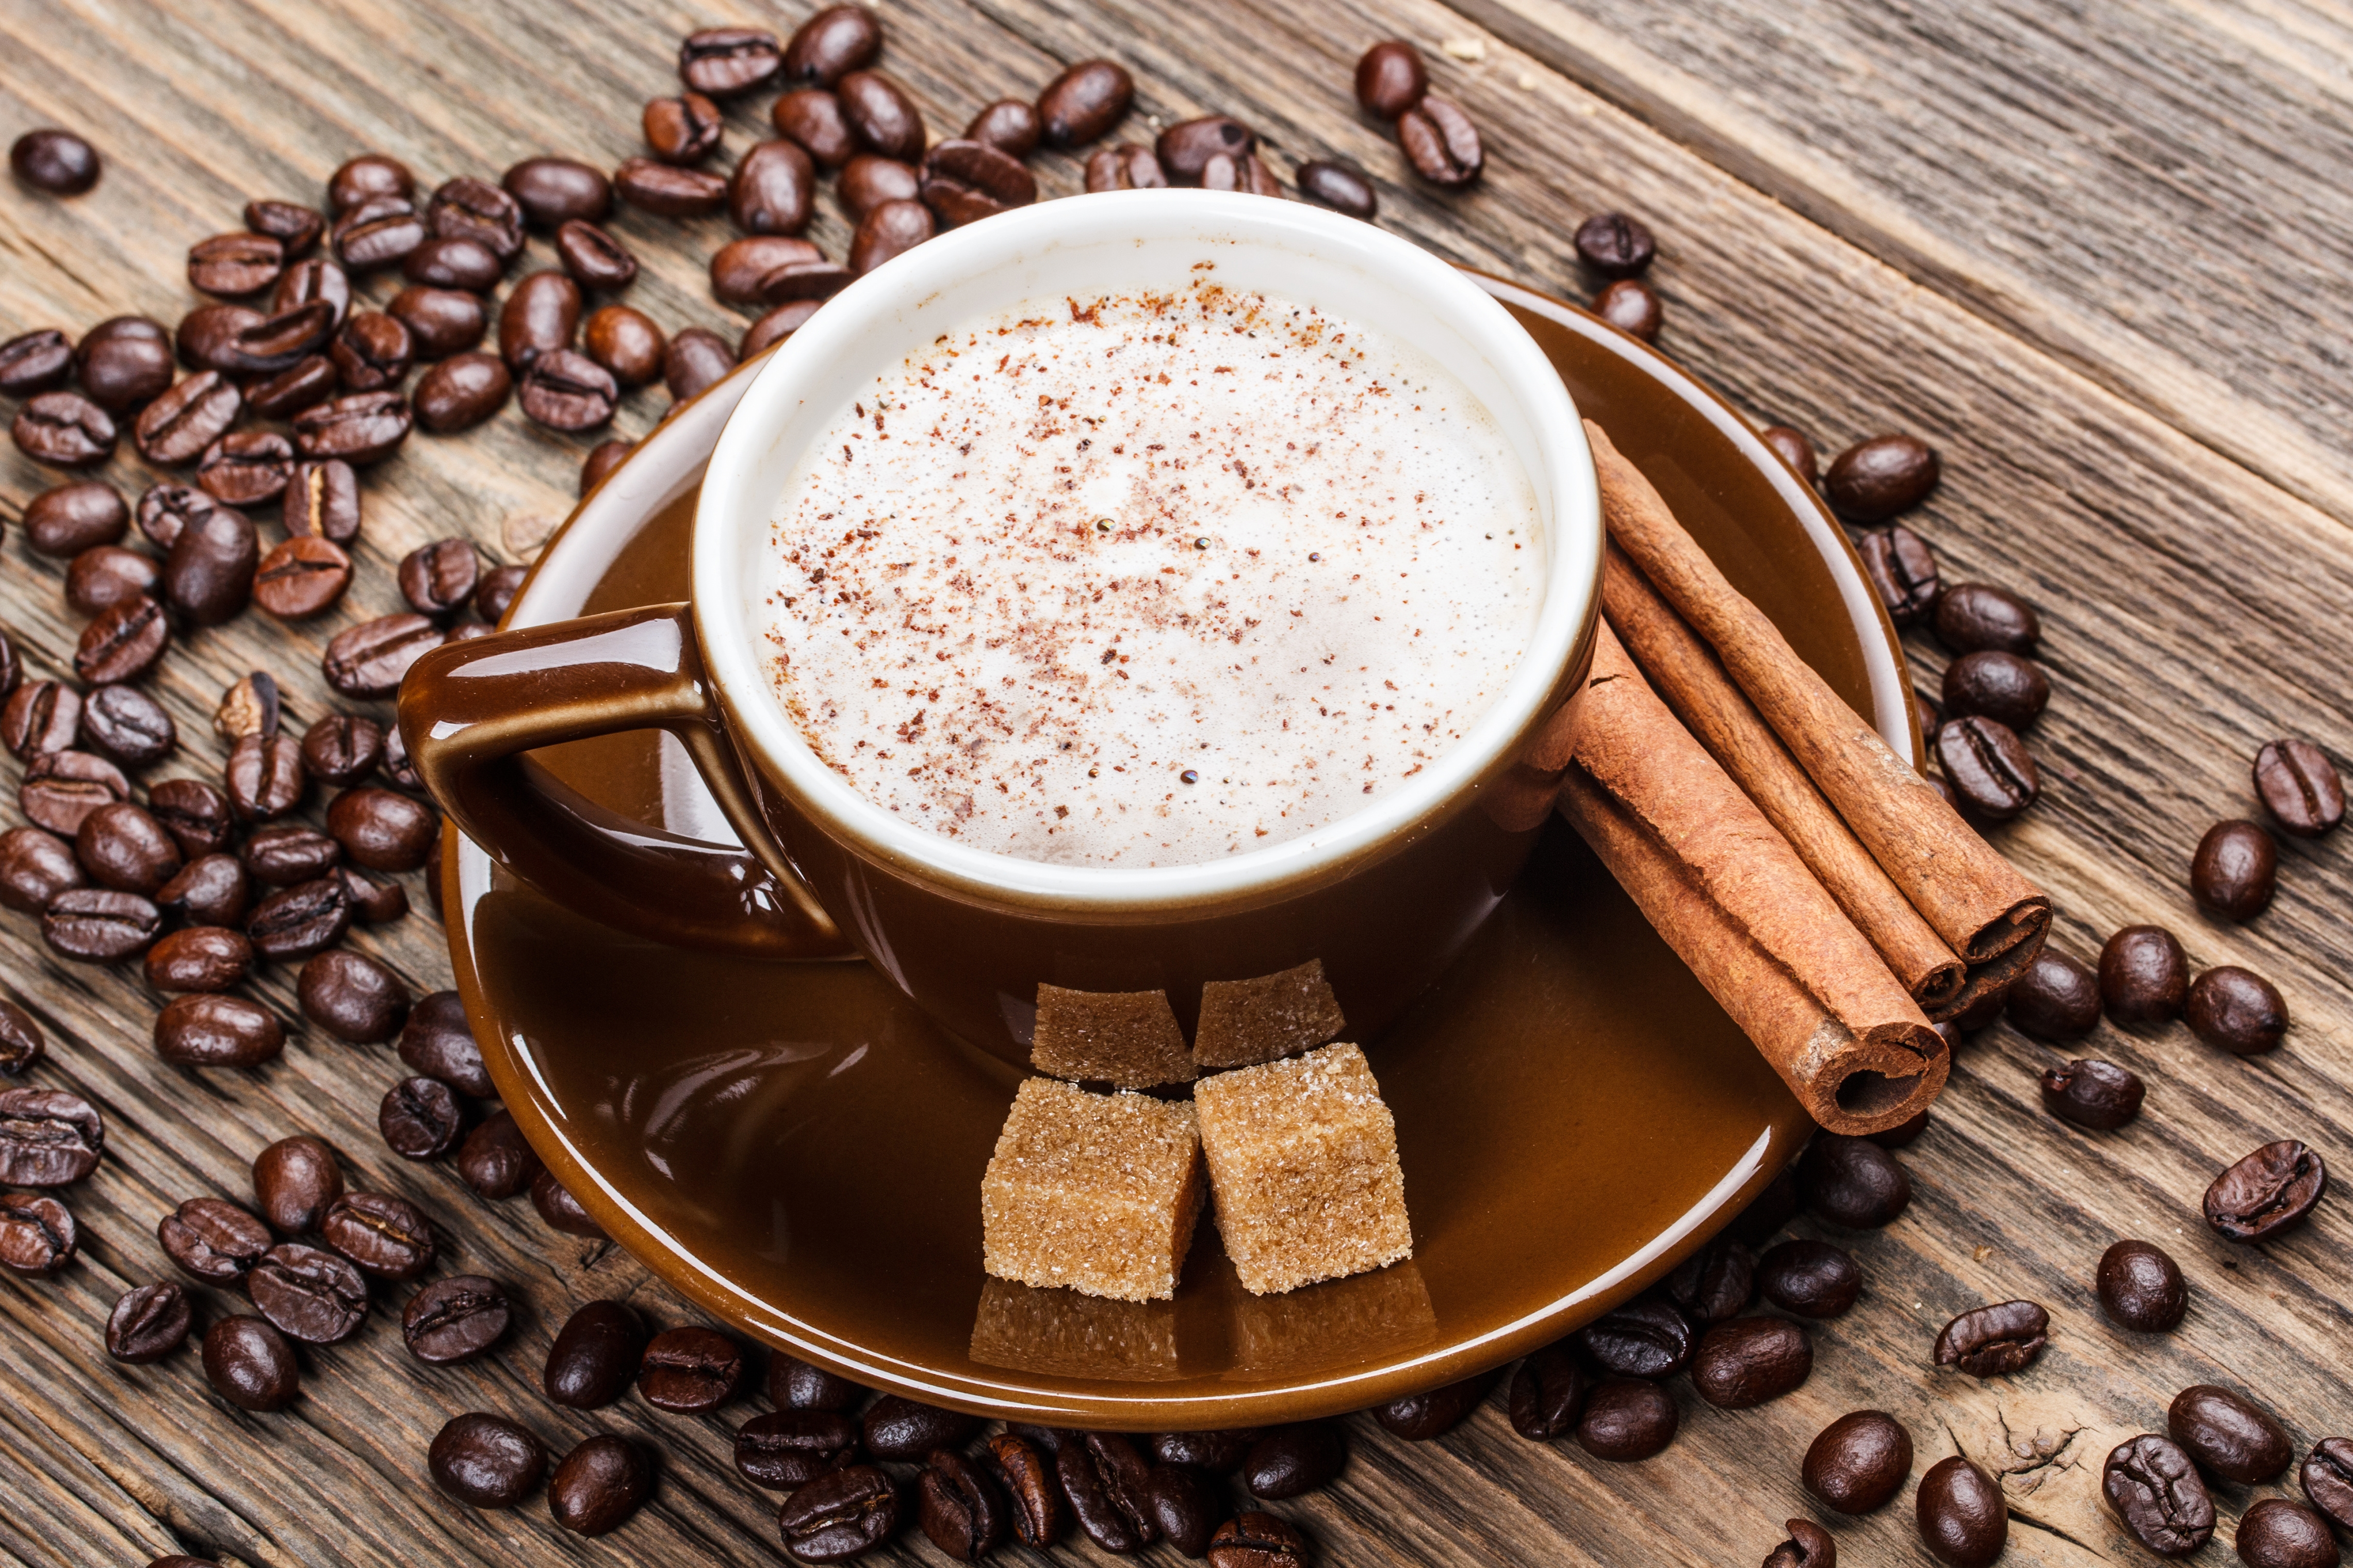 картинки кофе хорошего разрешения как